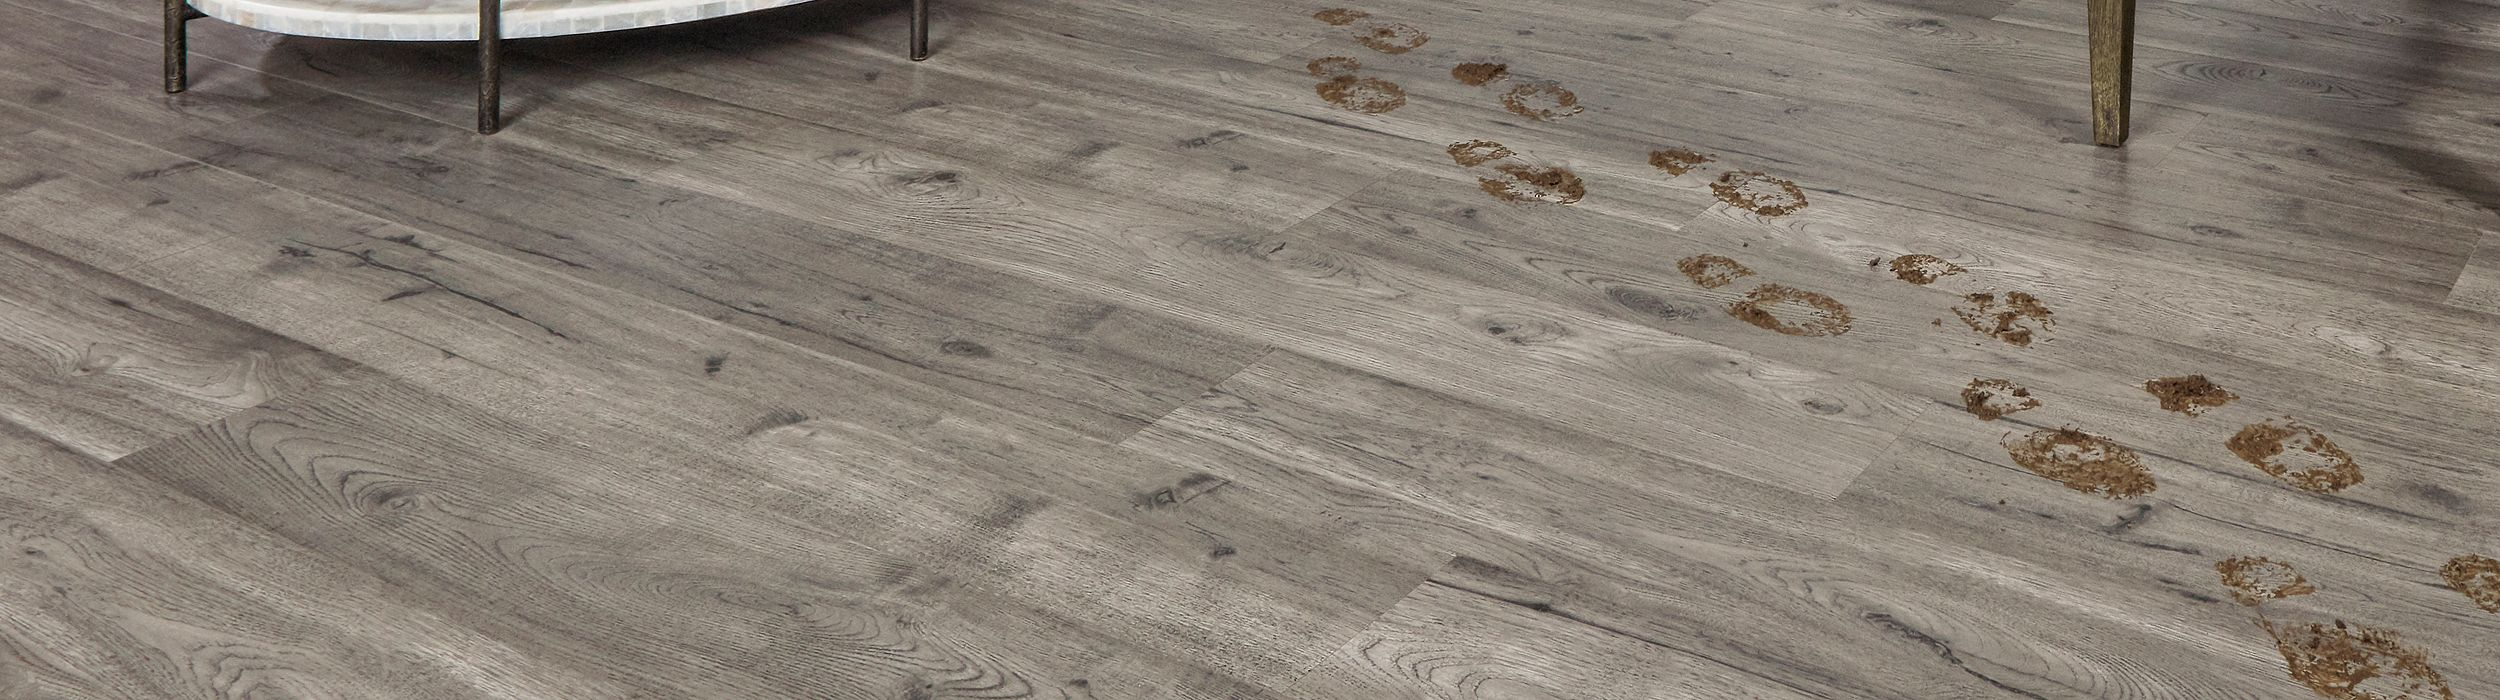 Pergo Flooring, How To Take Care Of Pergo Laminate Flooring